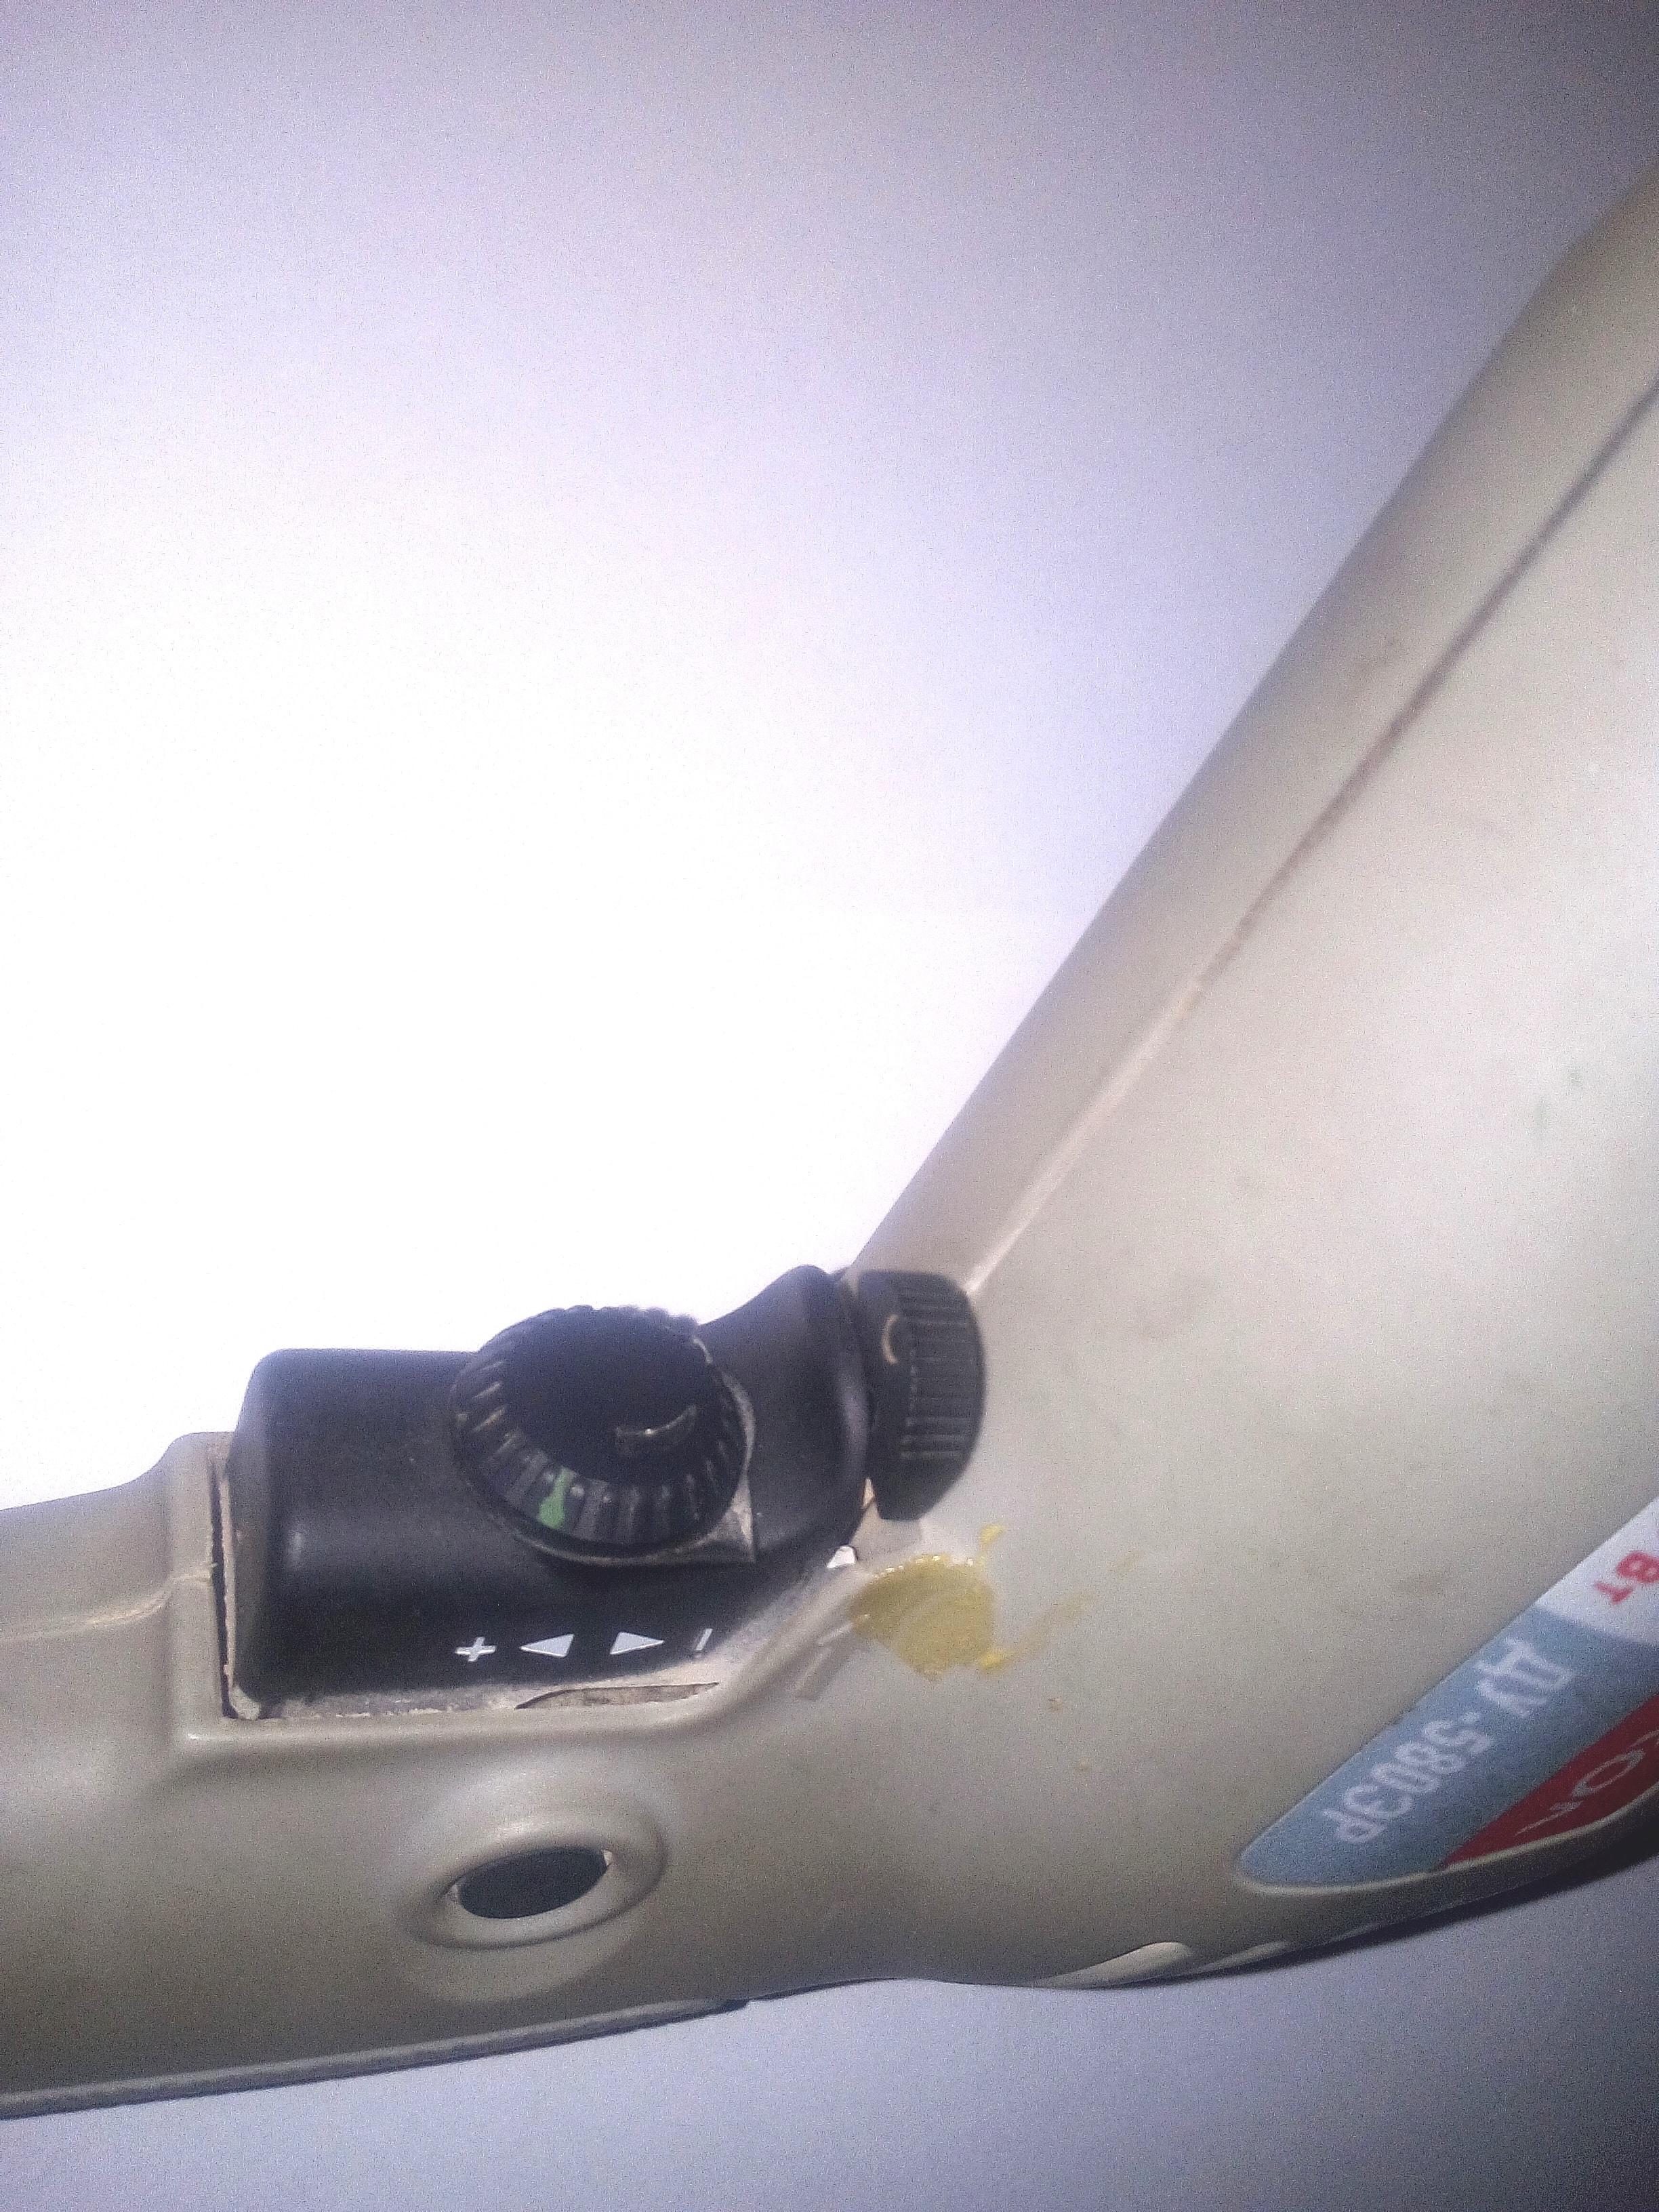 Электродрель-с-переключателем-напрвления-вращения-гогловки-дрели-min.jpg